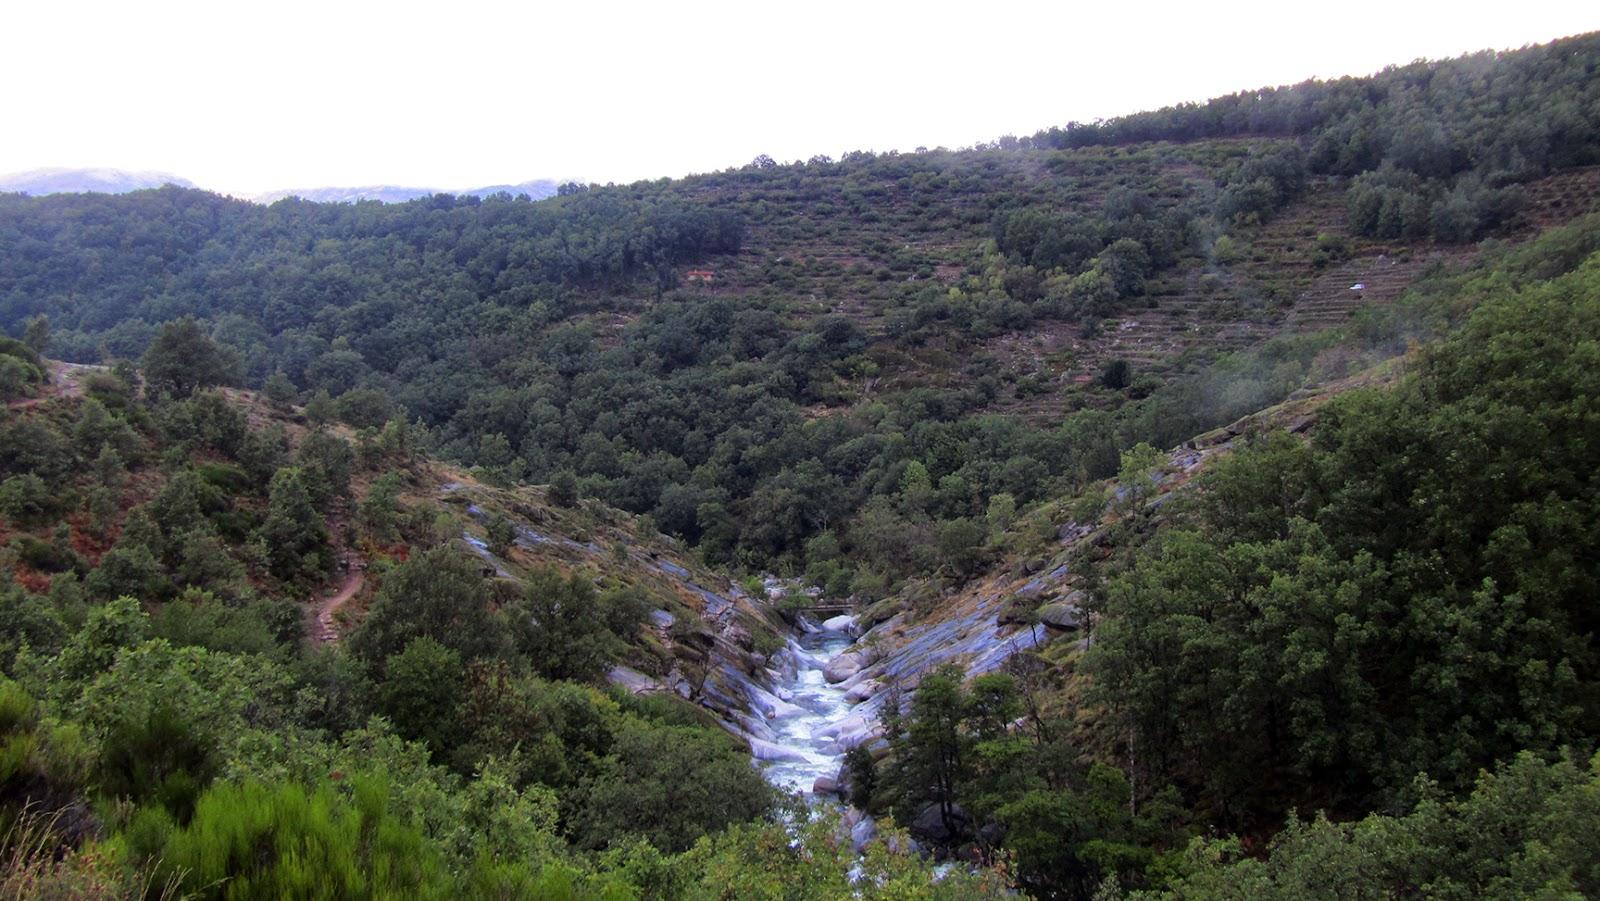 Valle del Jerte - Garganta de los Infiernos